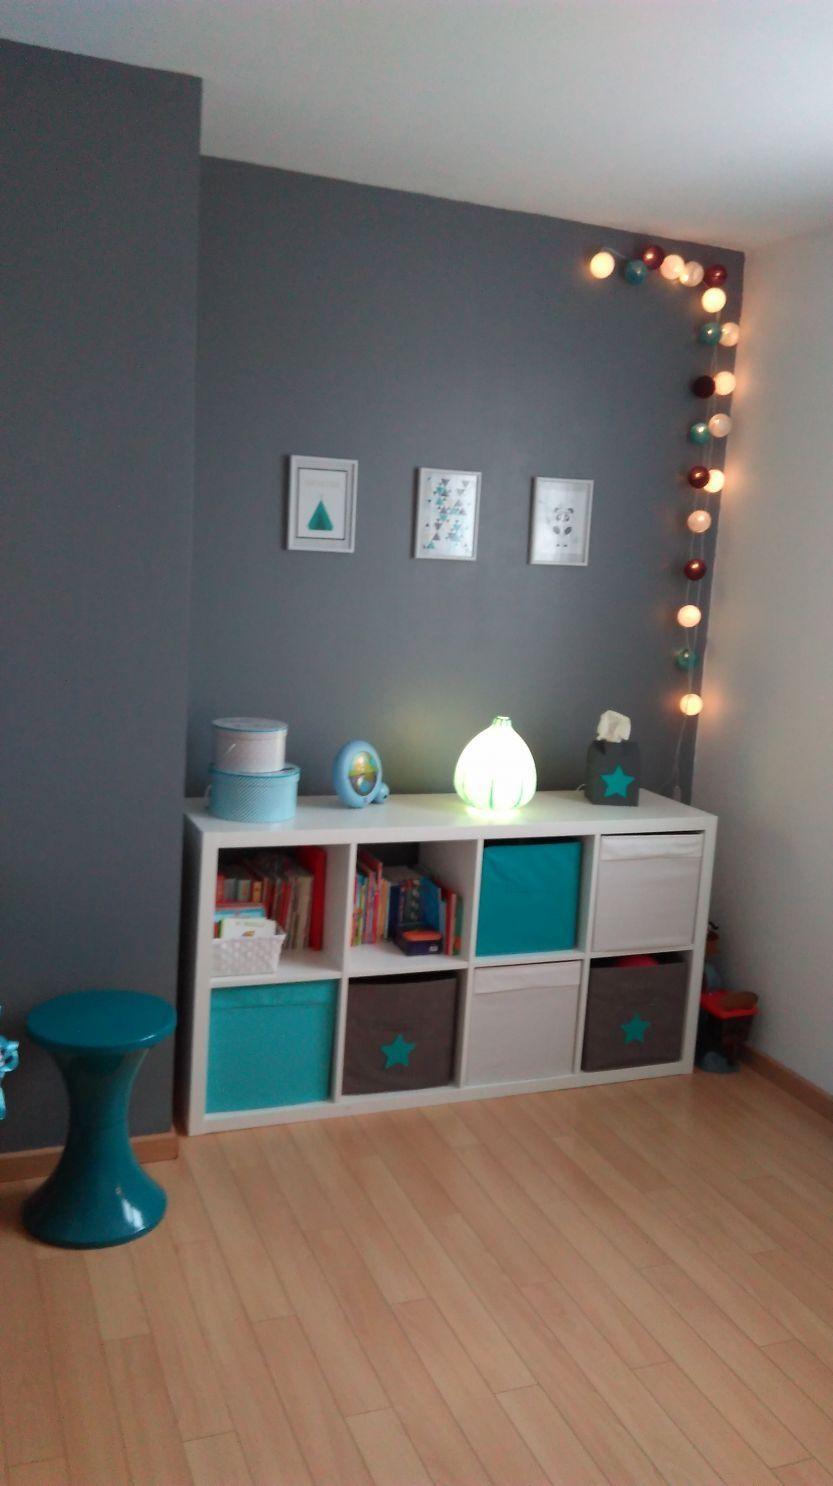 55 Idee Deco Chambre Petit Garcon | idee deco di 2019 | Pinterest ...